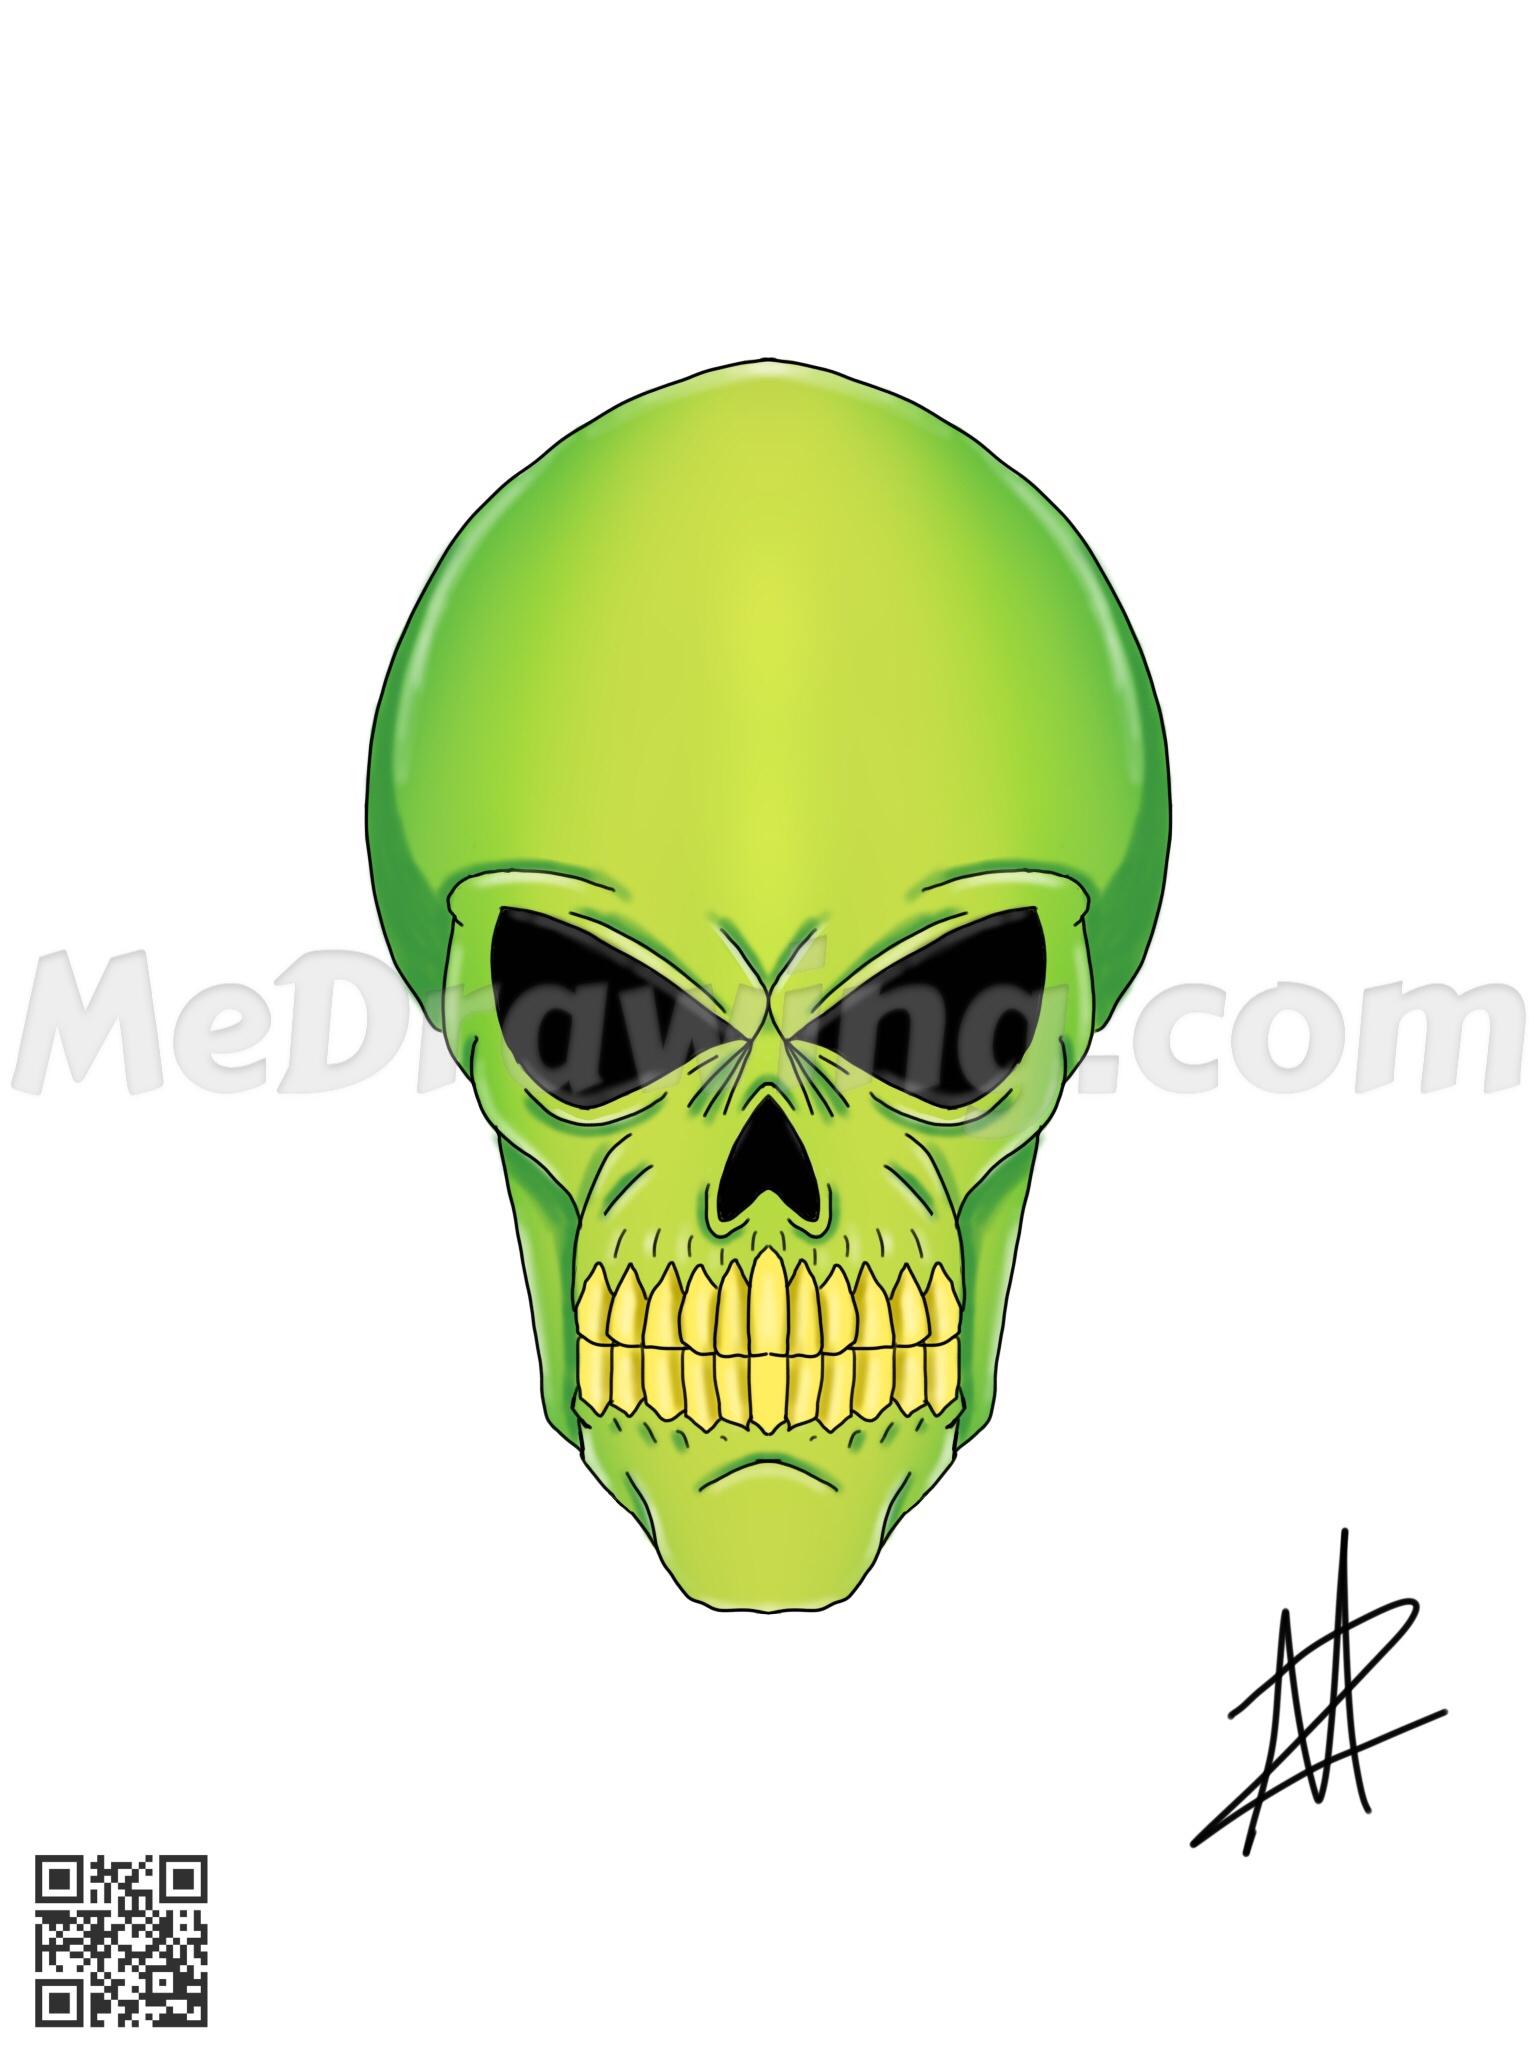 Drawn skull alien Colored  Drawing Skull Alien